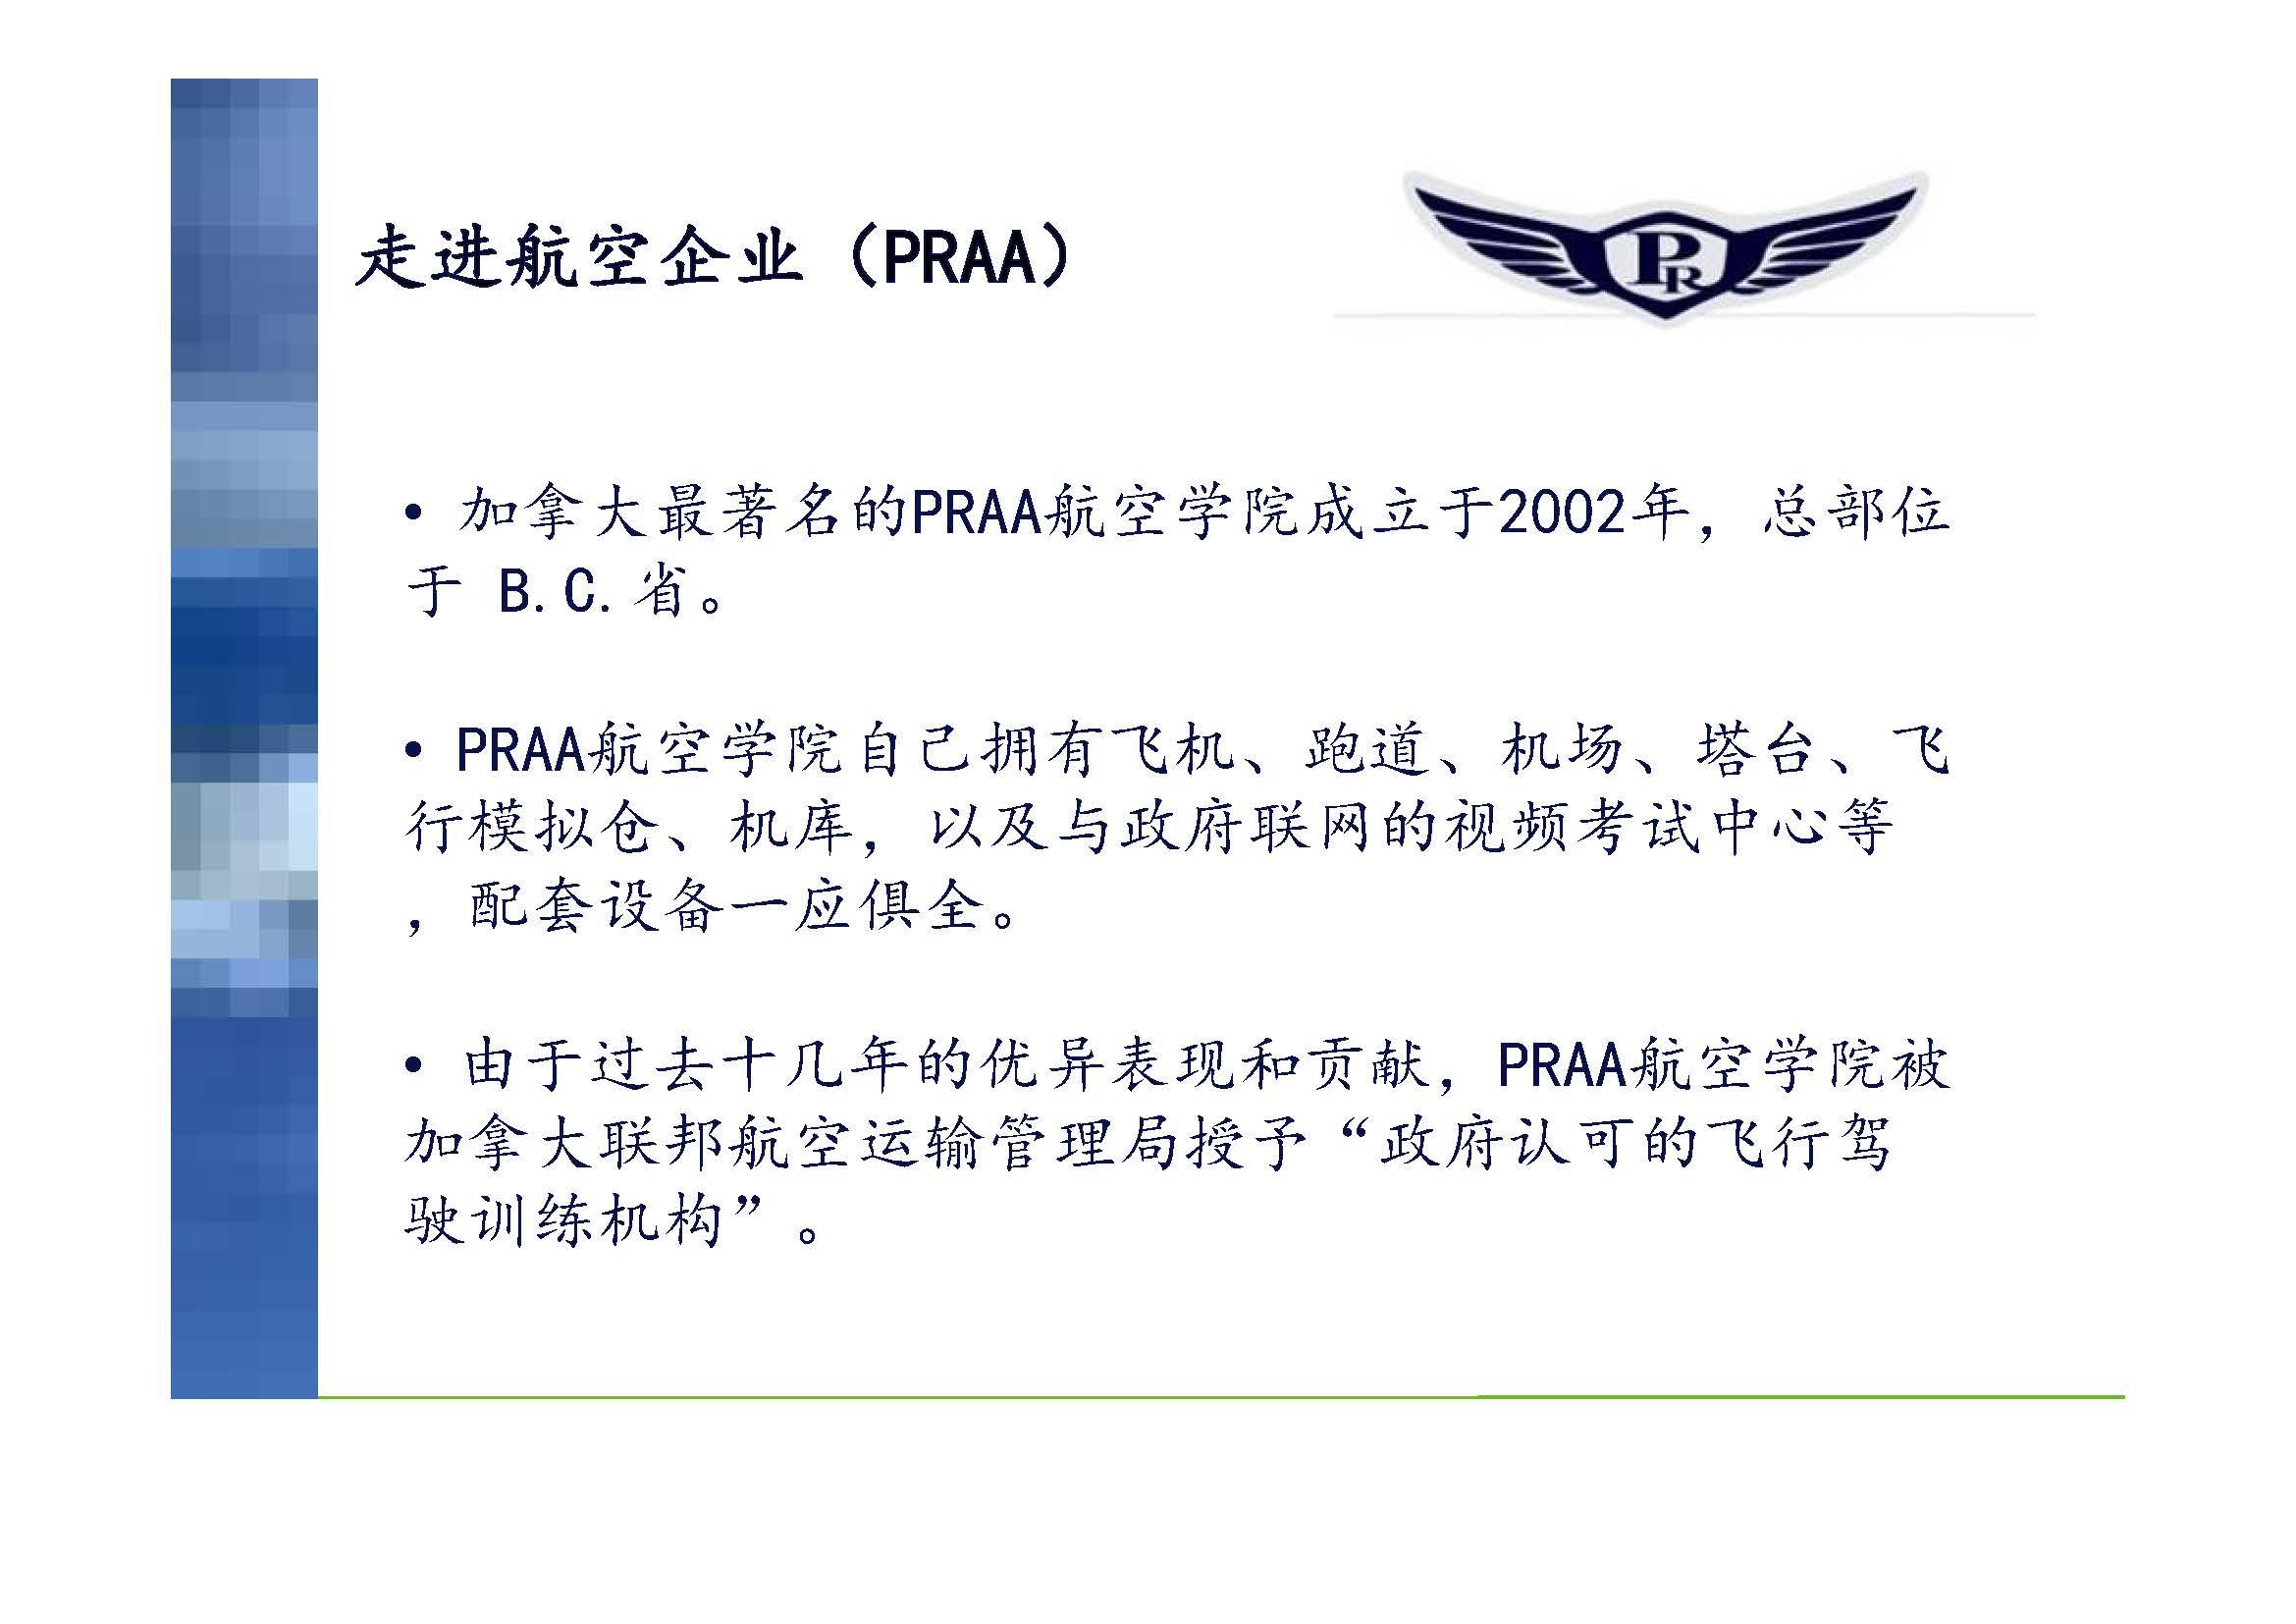 pnpjpg page 03